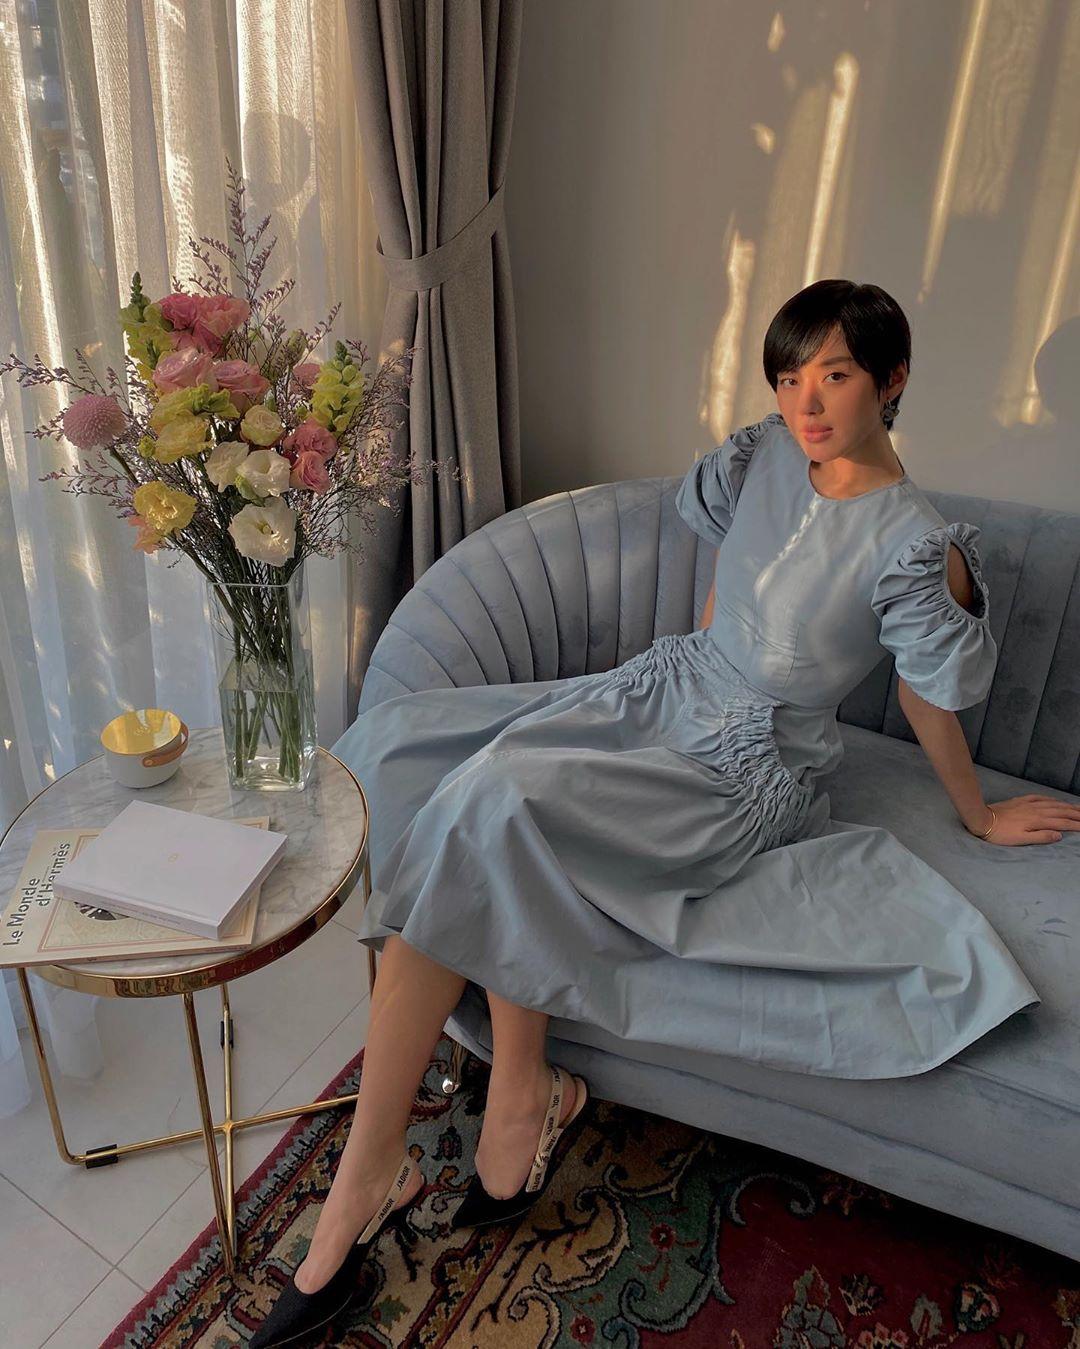 Những màn lên đồ cực gắt của sao Việt khi ở nhà: Phạm Hương mặc bikini vẫn cố diện túi trăm triệu, có người còn lôi túi cả trăm triệu mới sắm ra khoe - Ảnh 10.